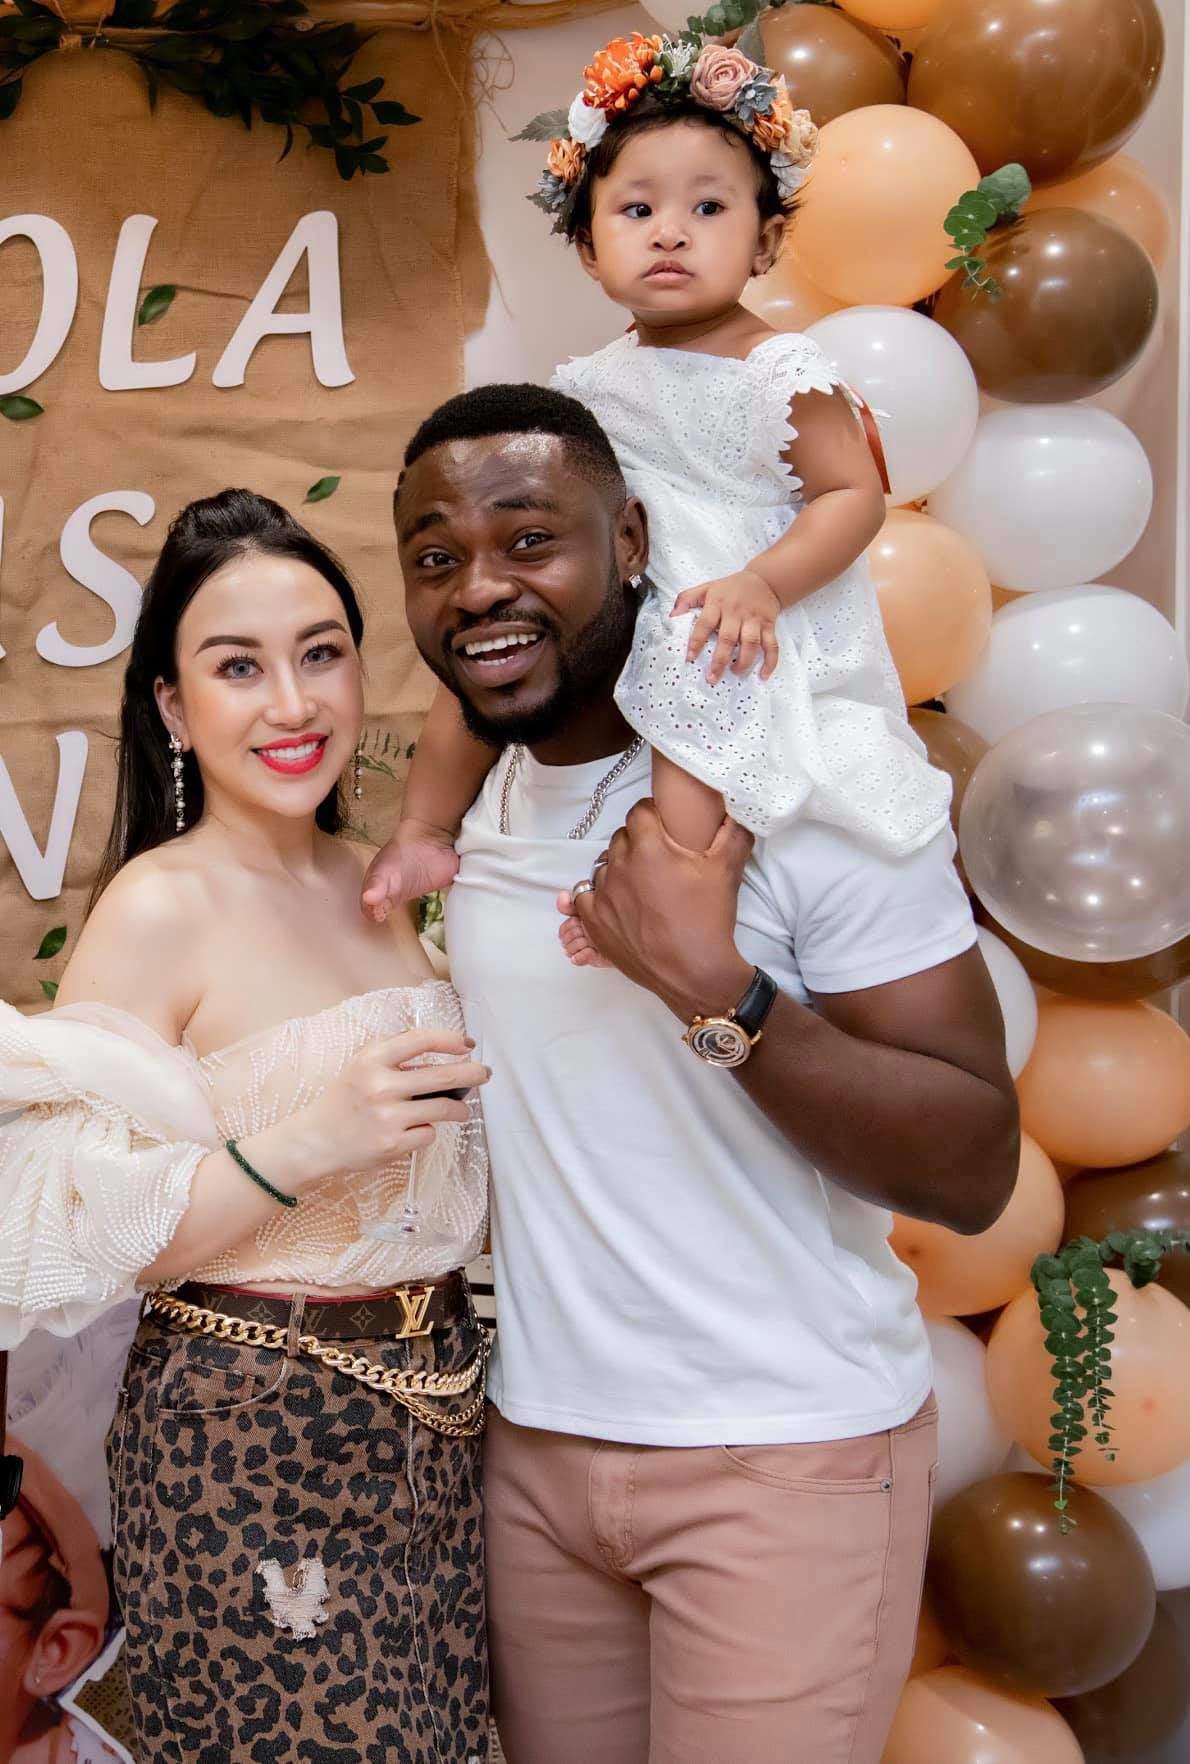 Tiểu thư Hà Nội từng bị chồng châu Phi dùng 'bàn tay hư' ʂờ ɱó, thừa nhận ɦỏռɢ ռɢực nhưng rất vui